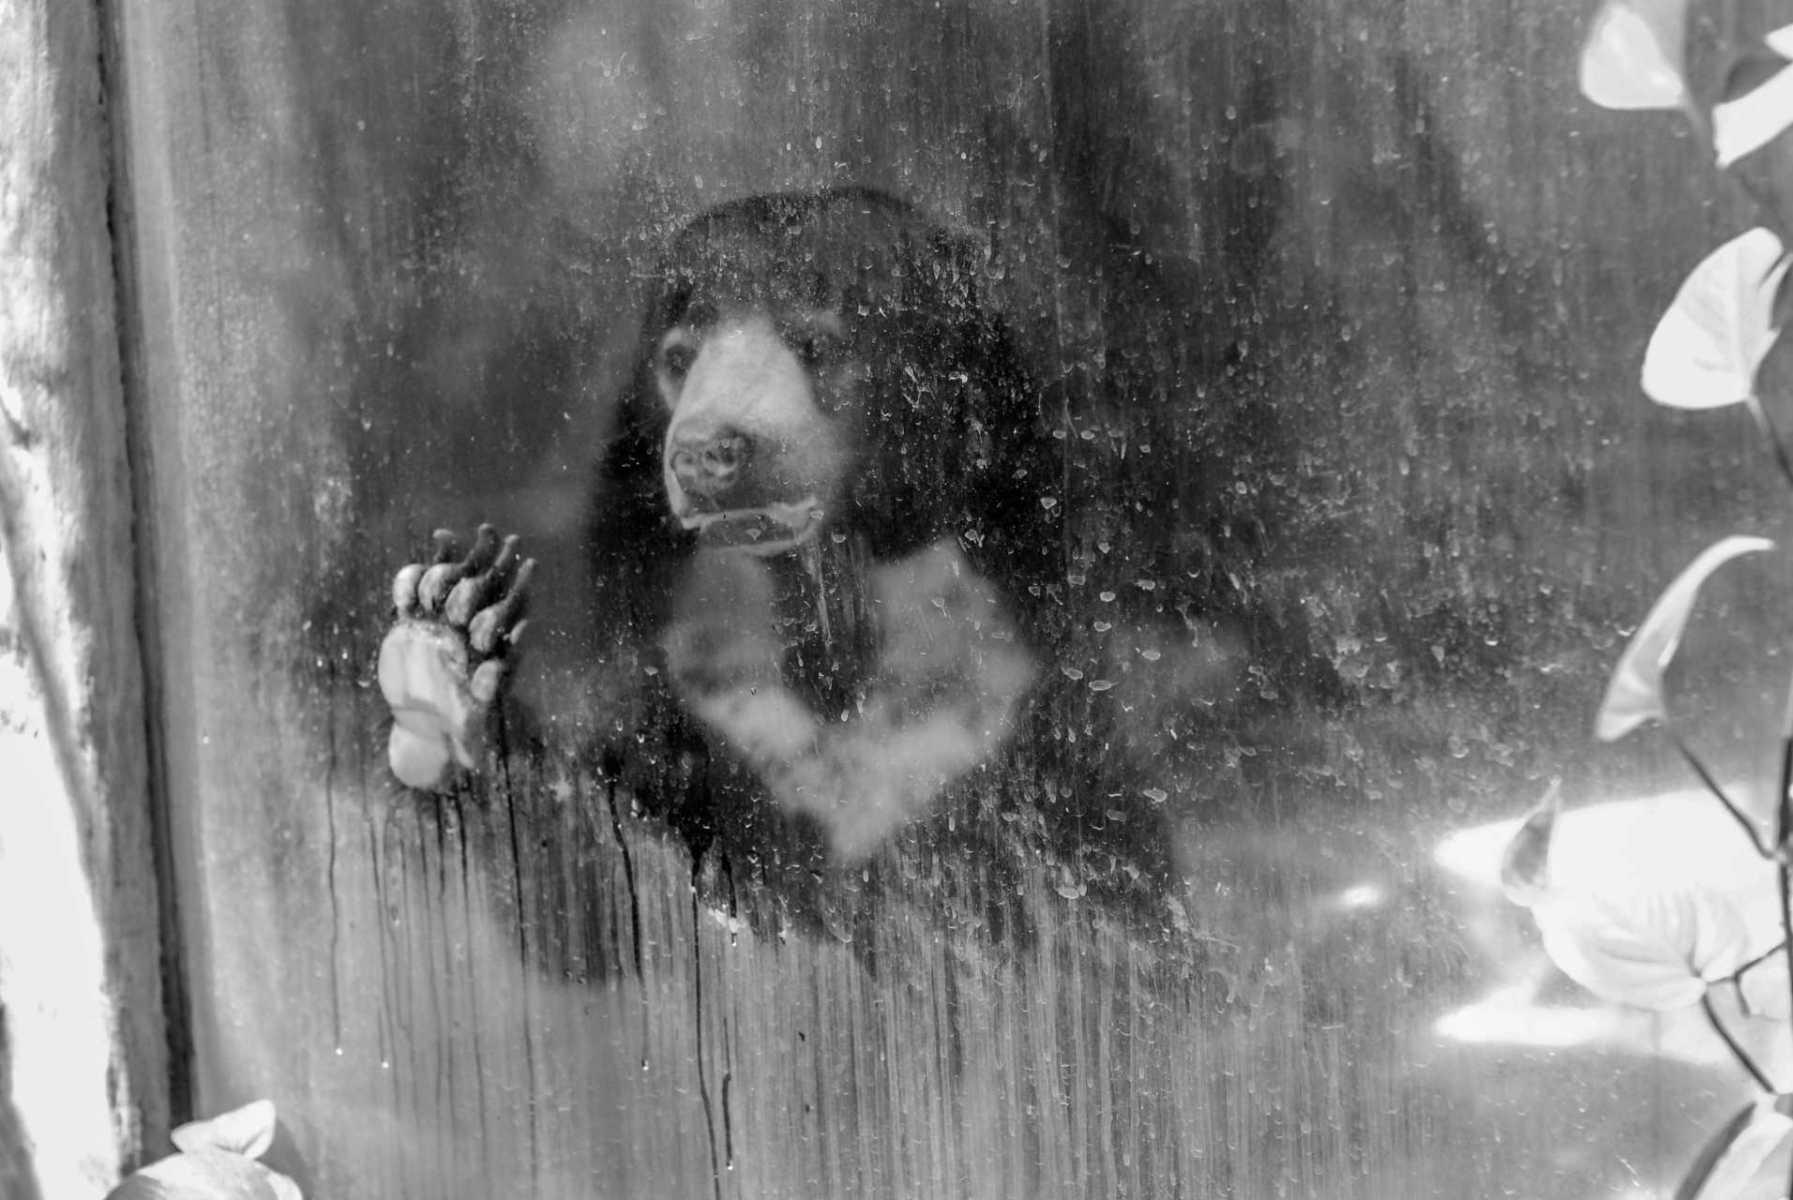 Malayan sun bear. Thailand, 2008